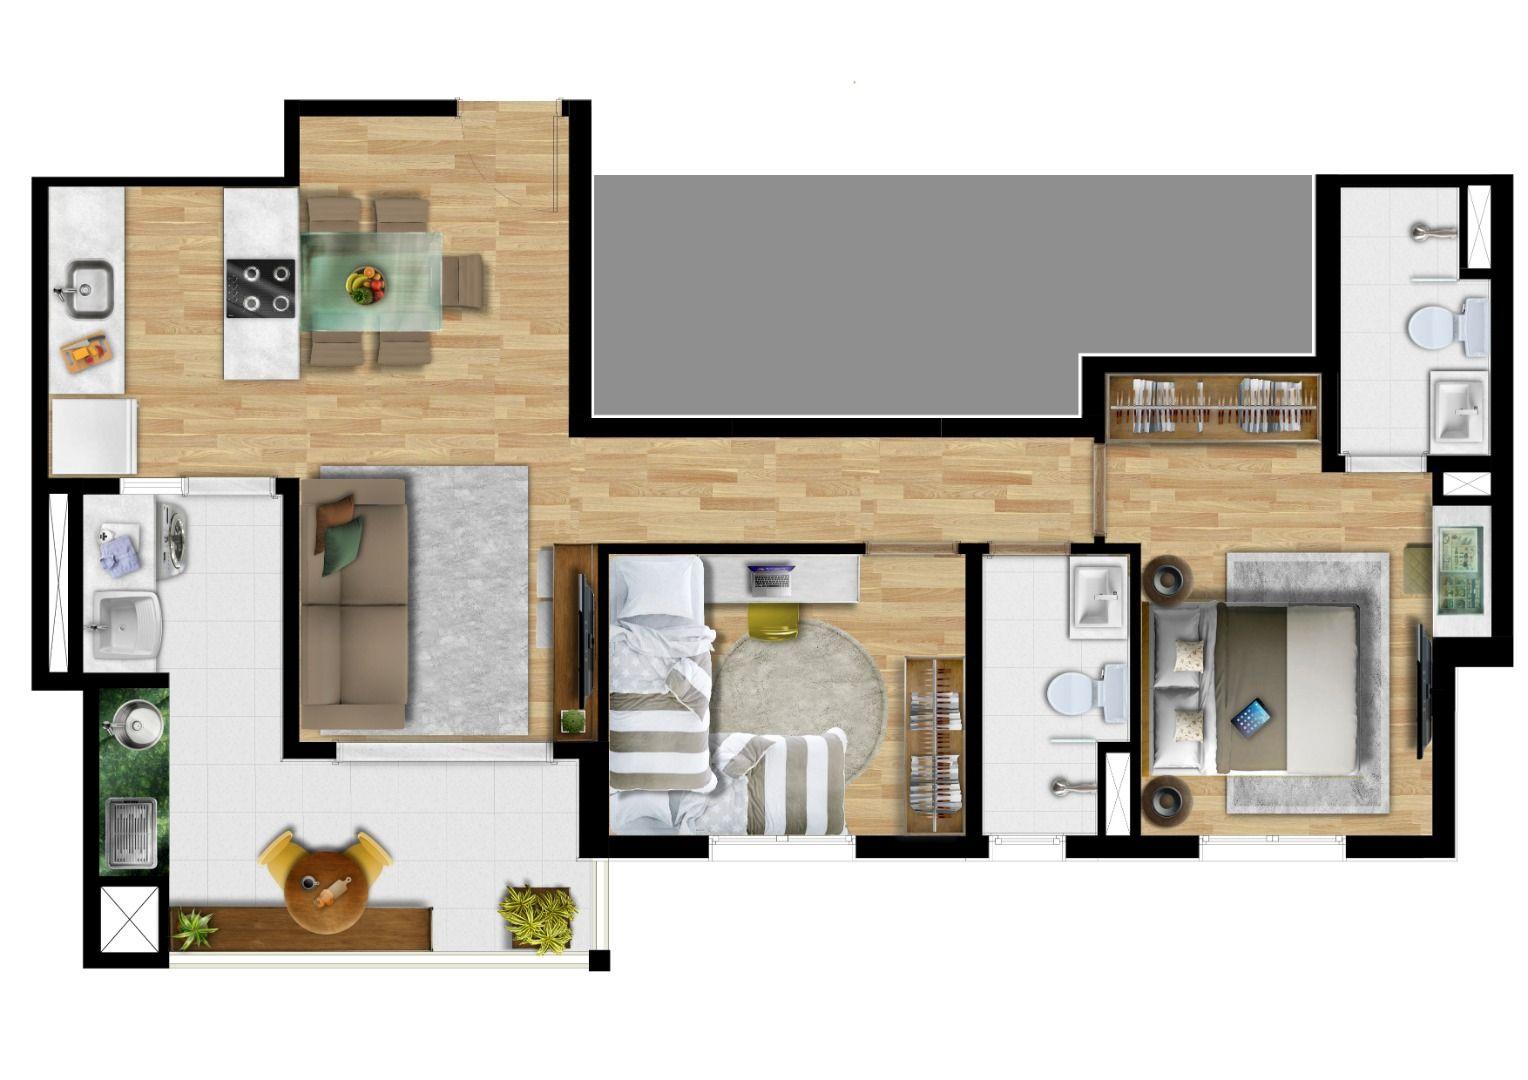 66 M² - 2 DORMITÓRIOS, SENDO 1 SUÍTE. Apartamentos em Picanço com opção de cozinha americana integrada ao living. A suíte possui infraestrutura para ar-condicionado.